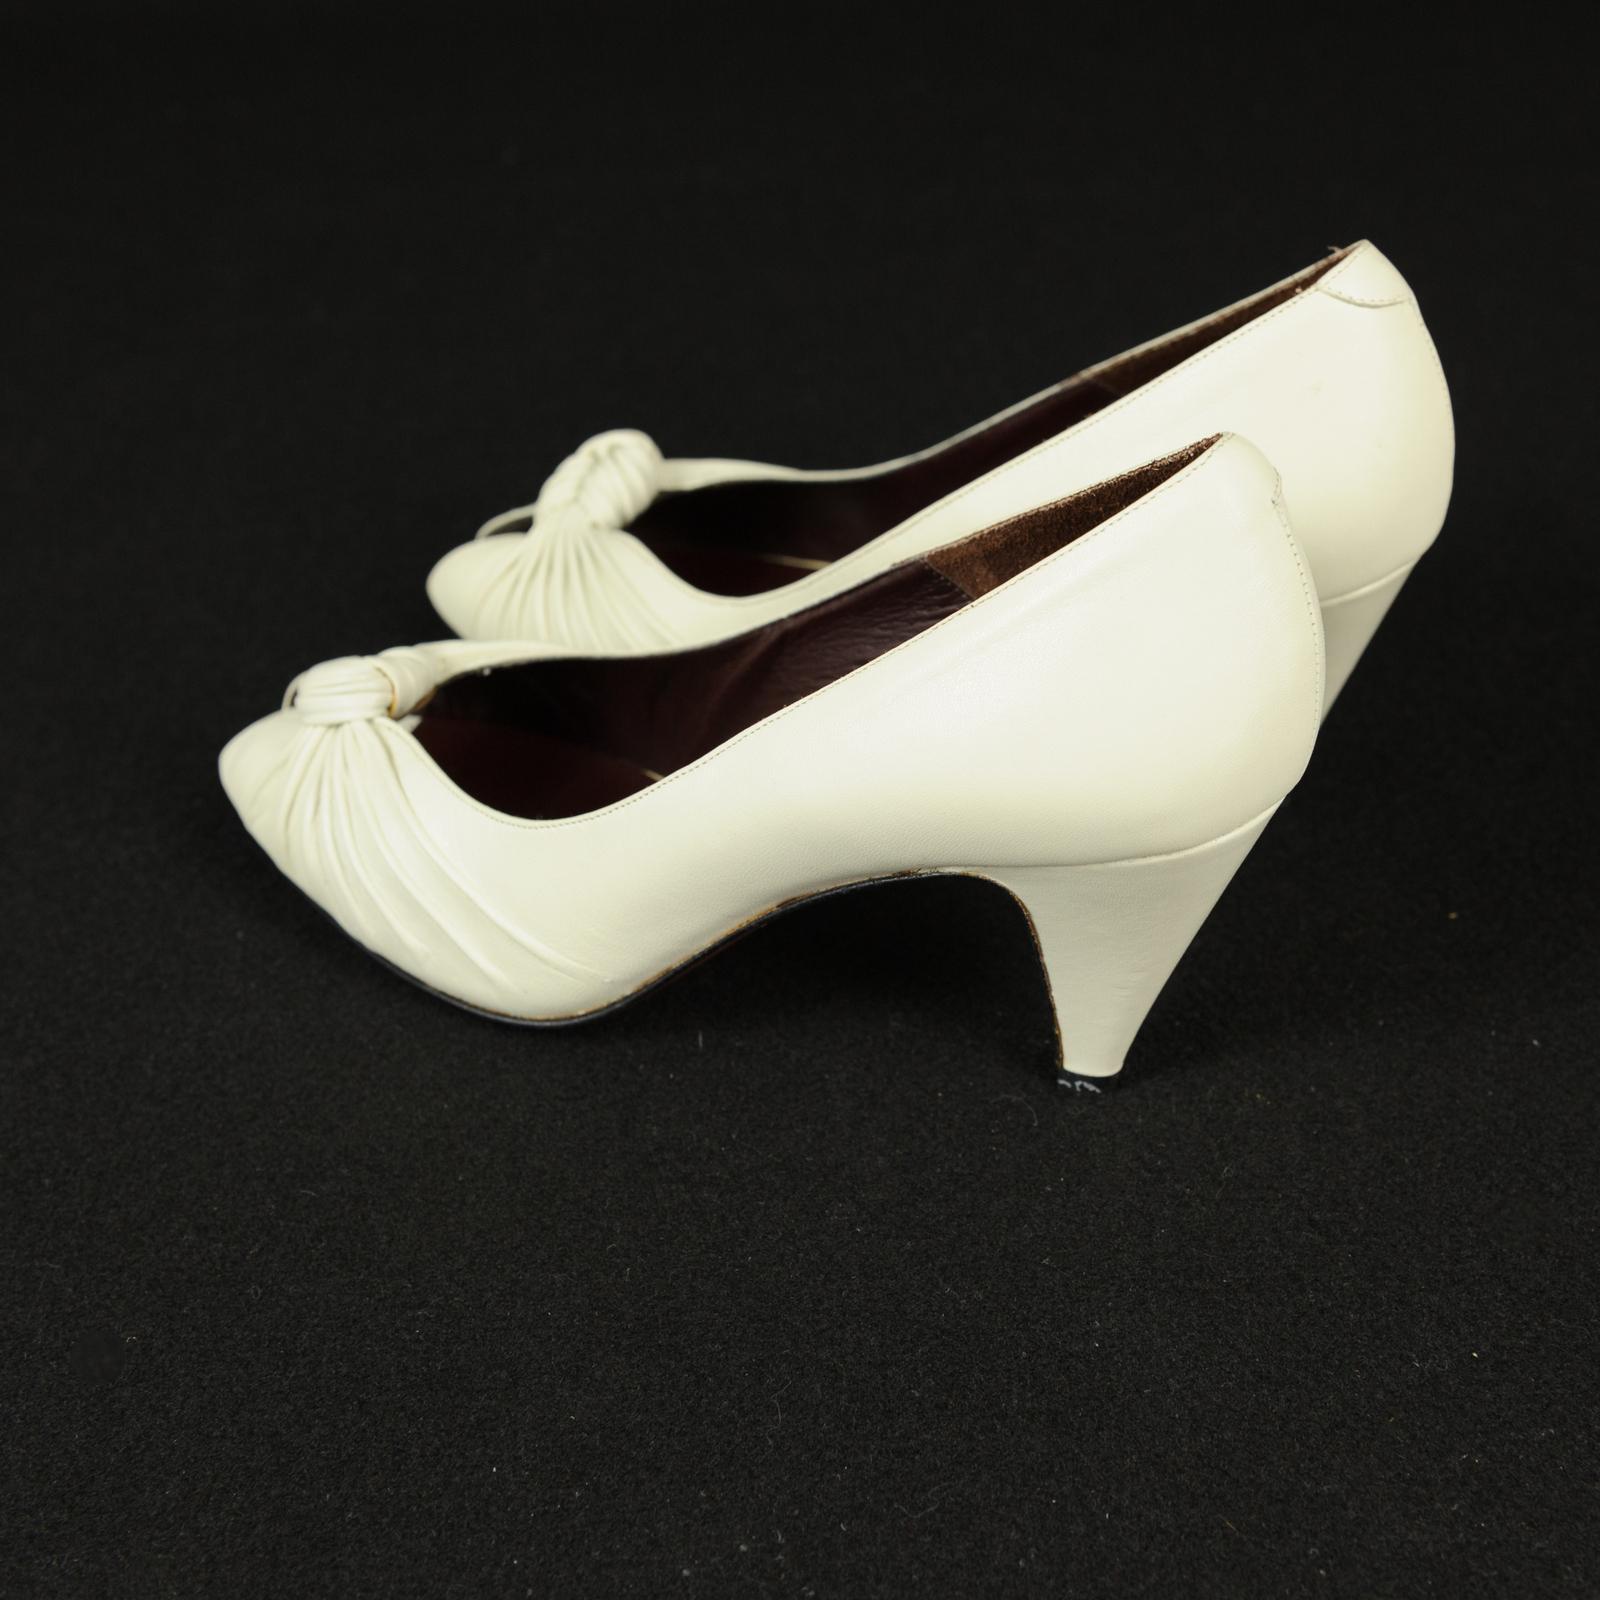 Italienische Designer Satin High Heel Pumps Schwarz Silber Kid Trim wie neu Größe 7M Artikel # 24 Schuhe & Stiefel